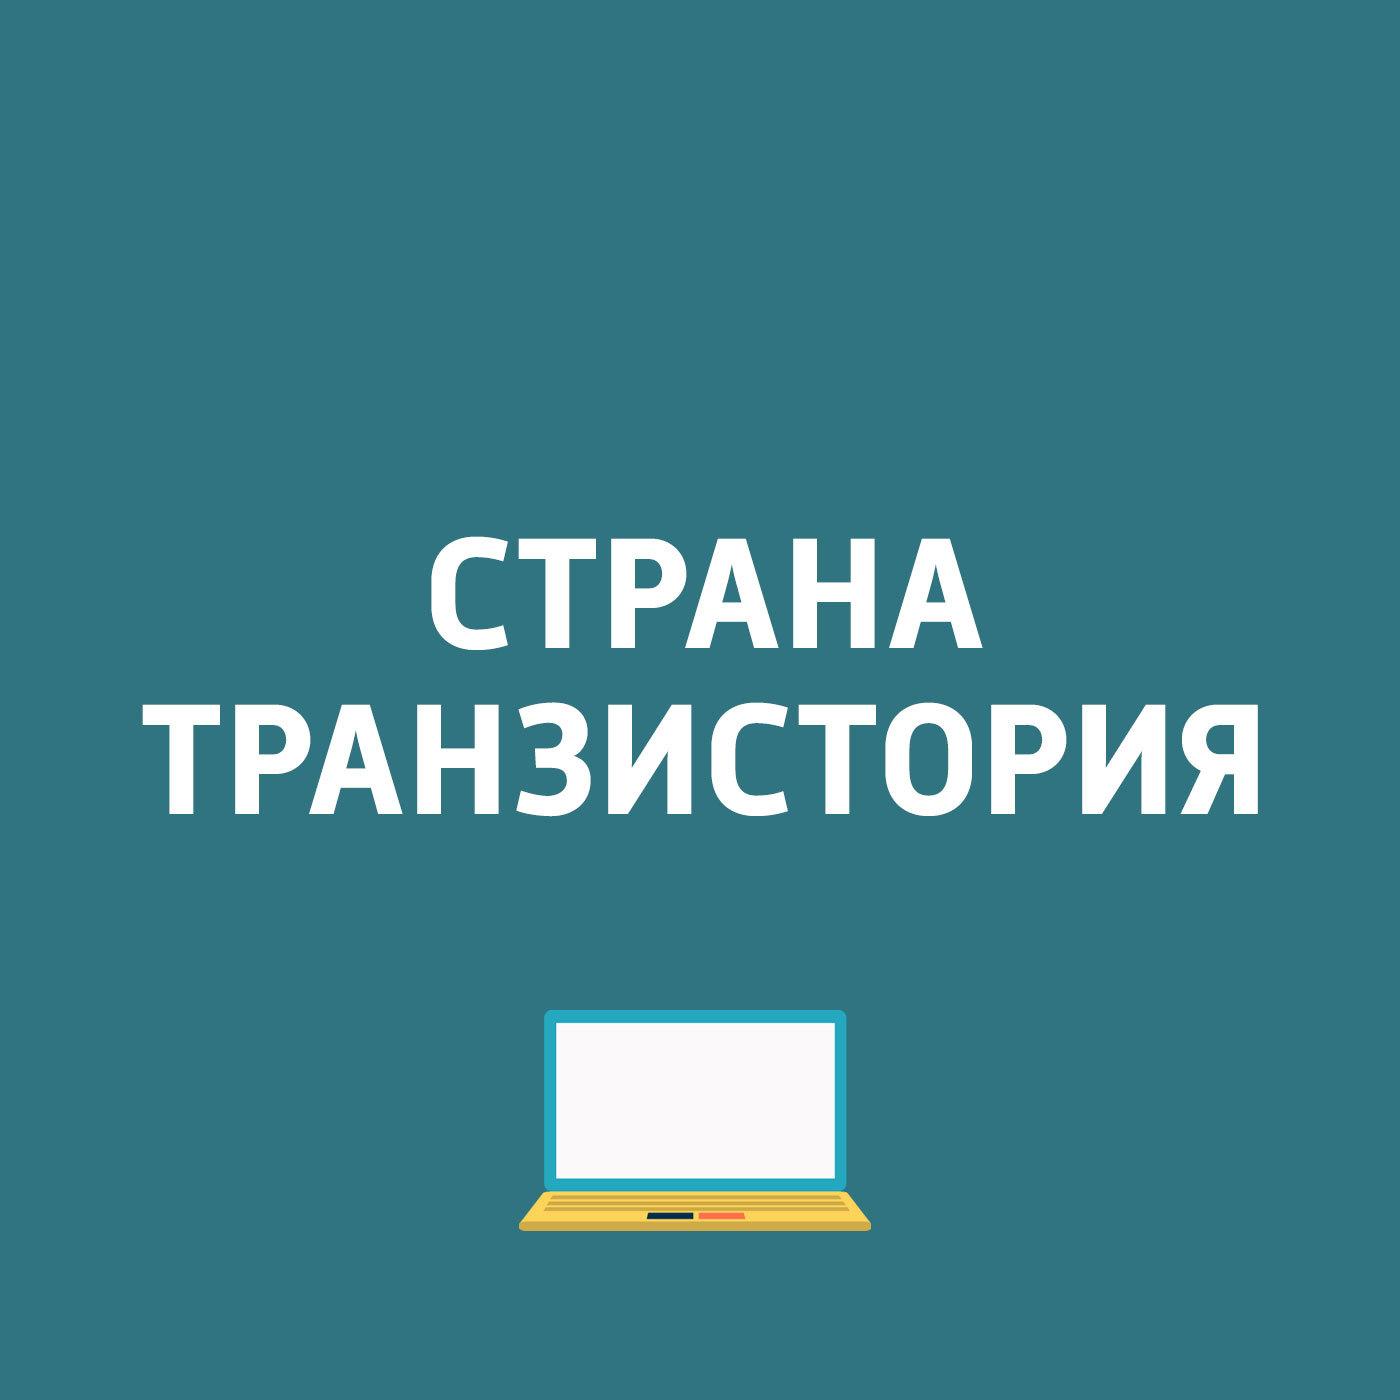 Картаев Павел HTC 10 evo; ZTE открыла в России интернет-магазин; Минтруд запустит портал для заключения трудовых договоров... htc интернет магазин